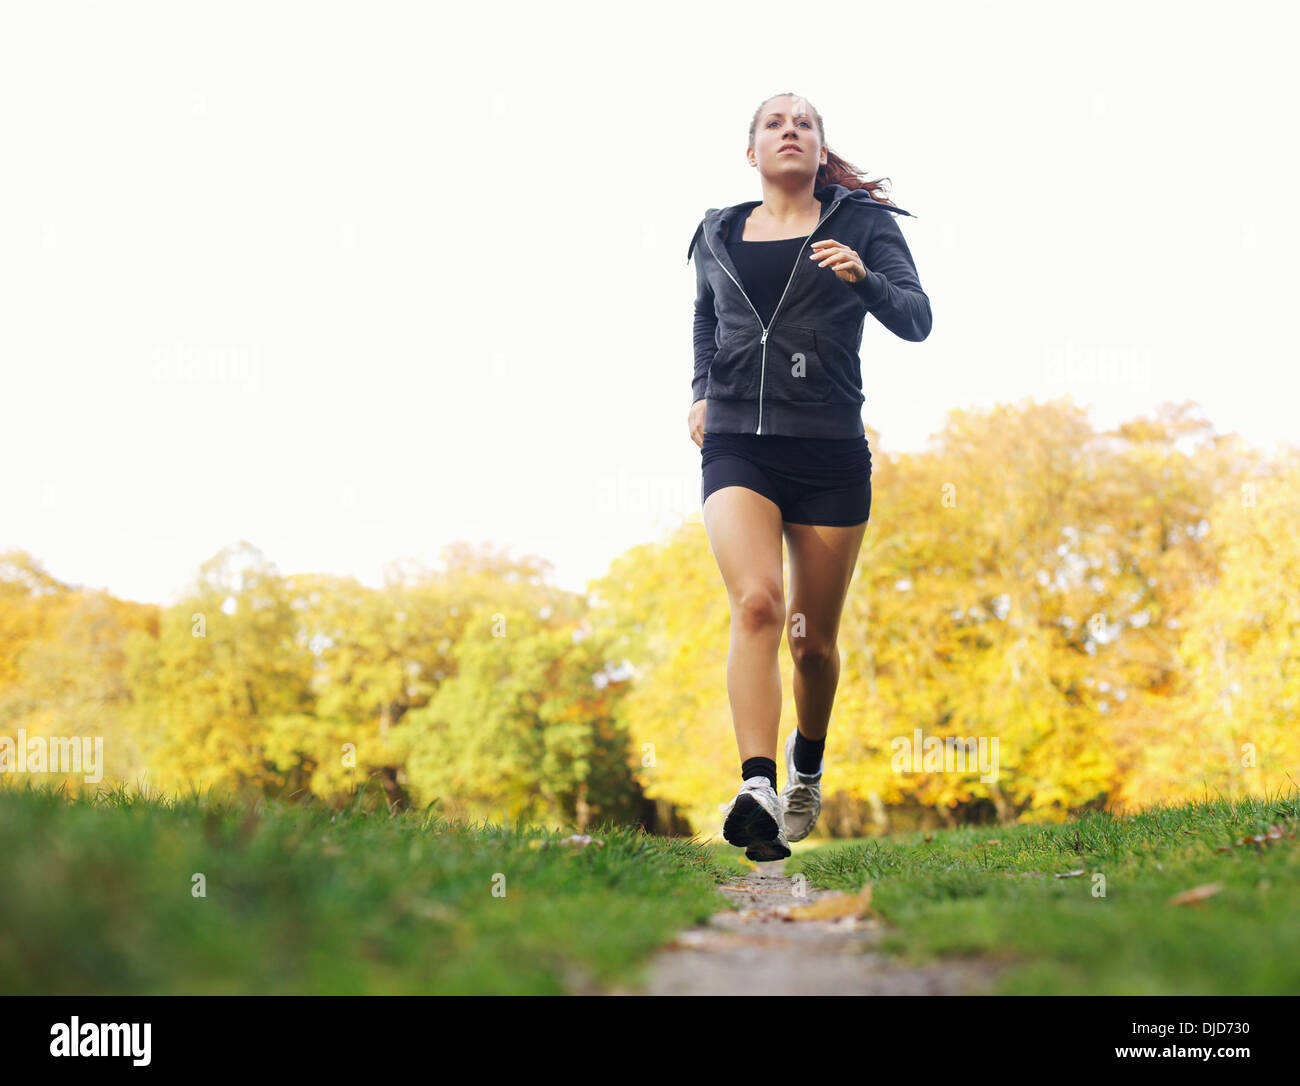 Imagen de longitud completa saludable joven trotar en el parque. La atleta femenina caucásica runner en ejecución. Entrenamiento físico en la naturaleza. Imagen De Stock